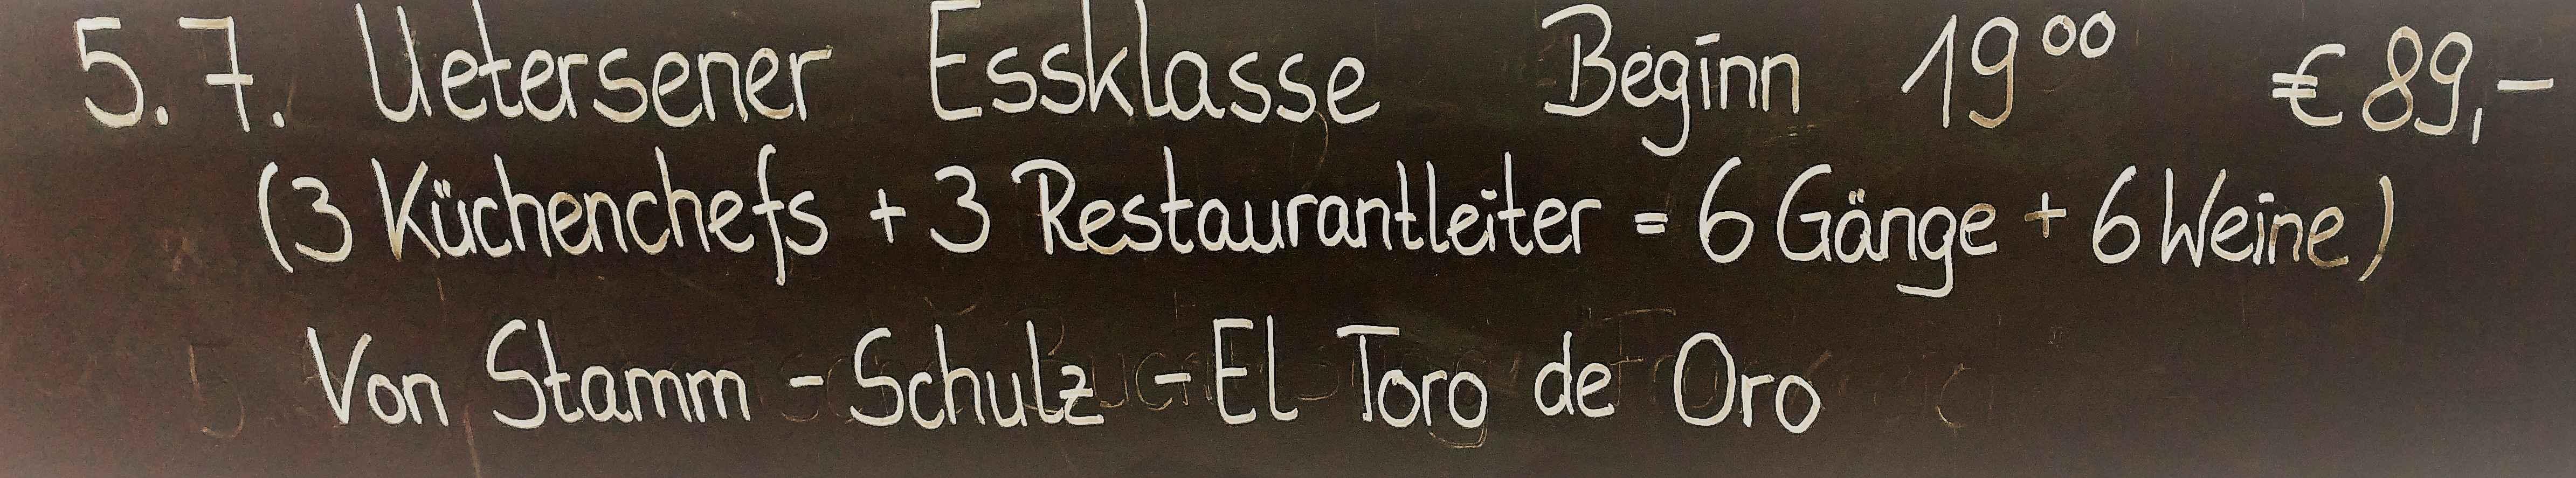 Bild zur Nachricht von El Toro de Oro